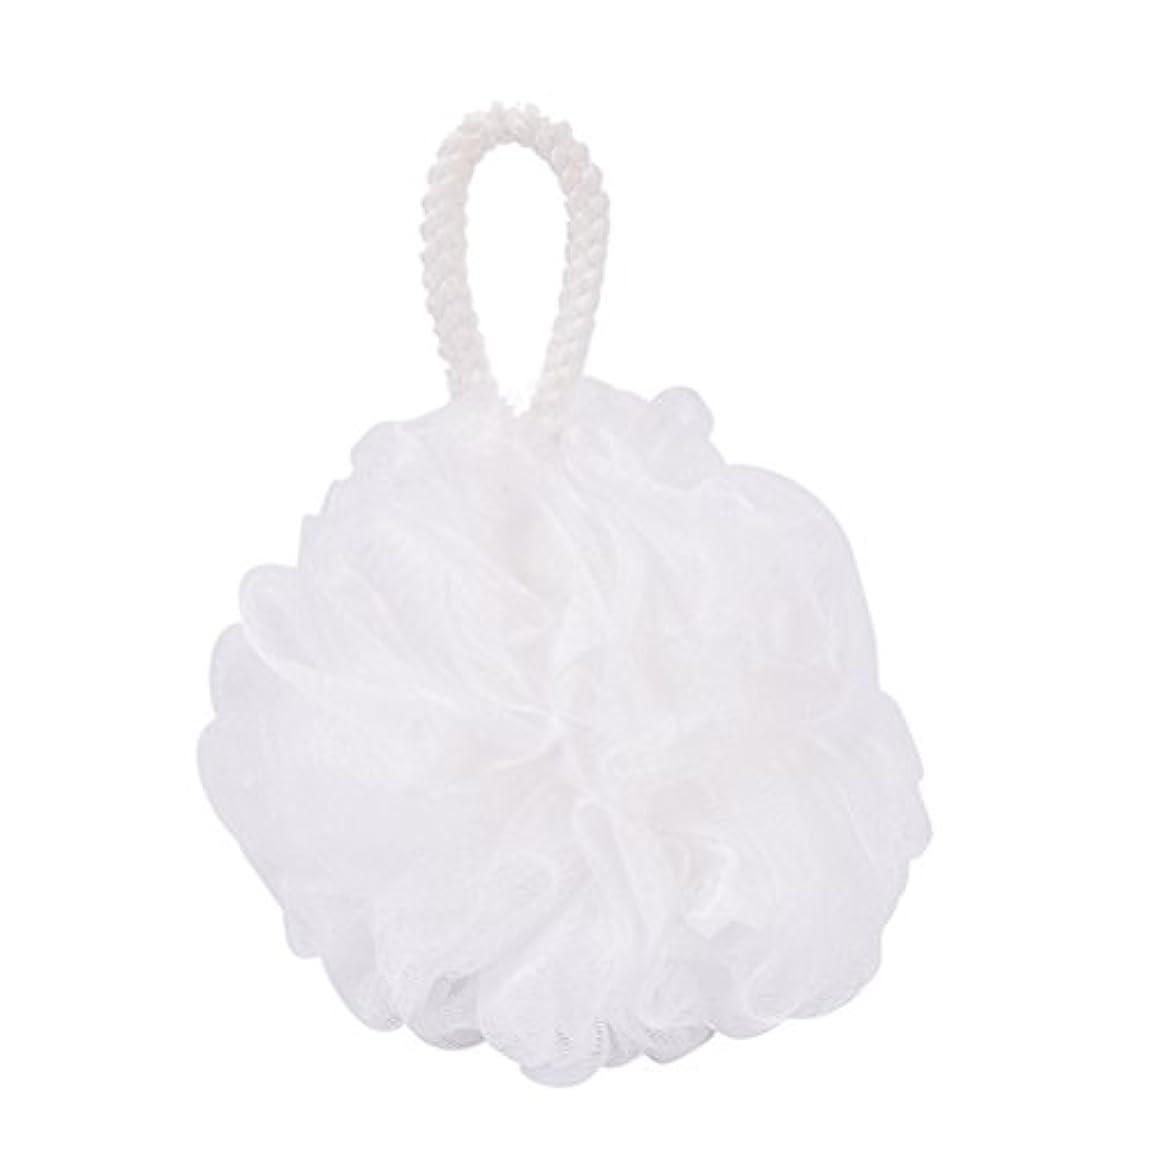 かび臭い海洋ののTenlacum バスフラワーボールスポンジ 泡を泡立てるメッシュネット 超柔軟 ボディ 風呂ボール